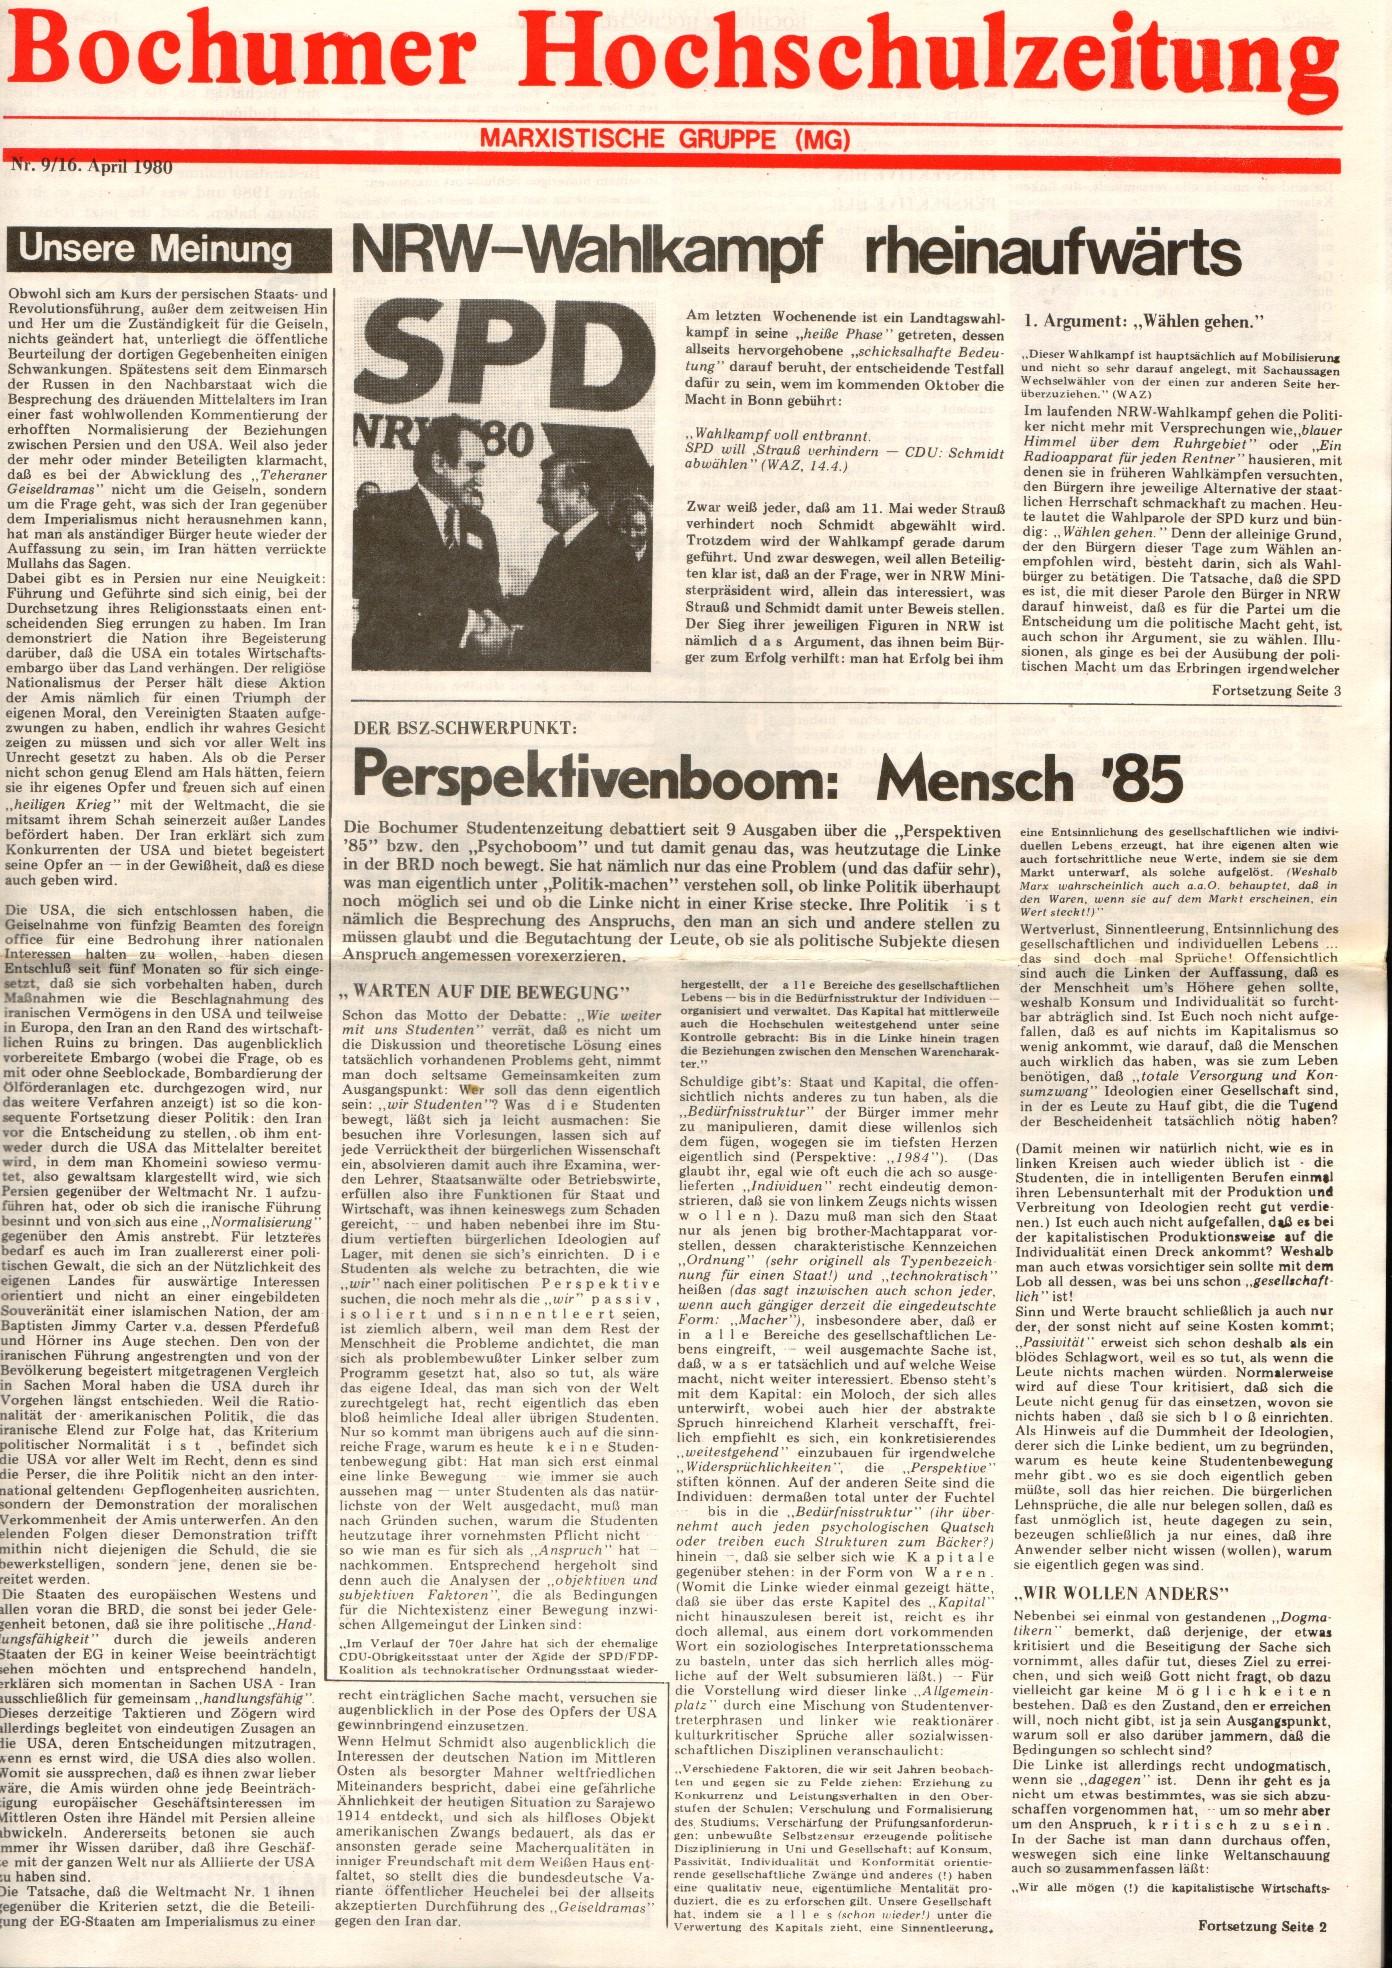 MG_Bochumer_Hochschulzeitung_19800416_01